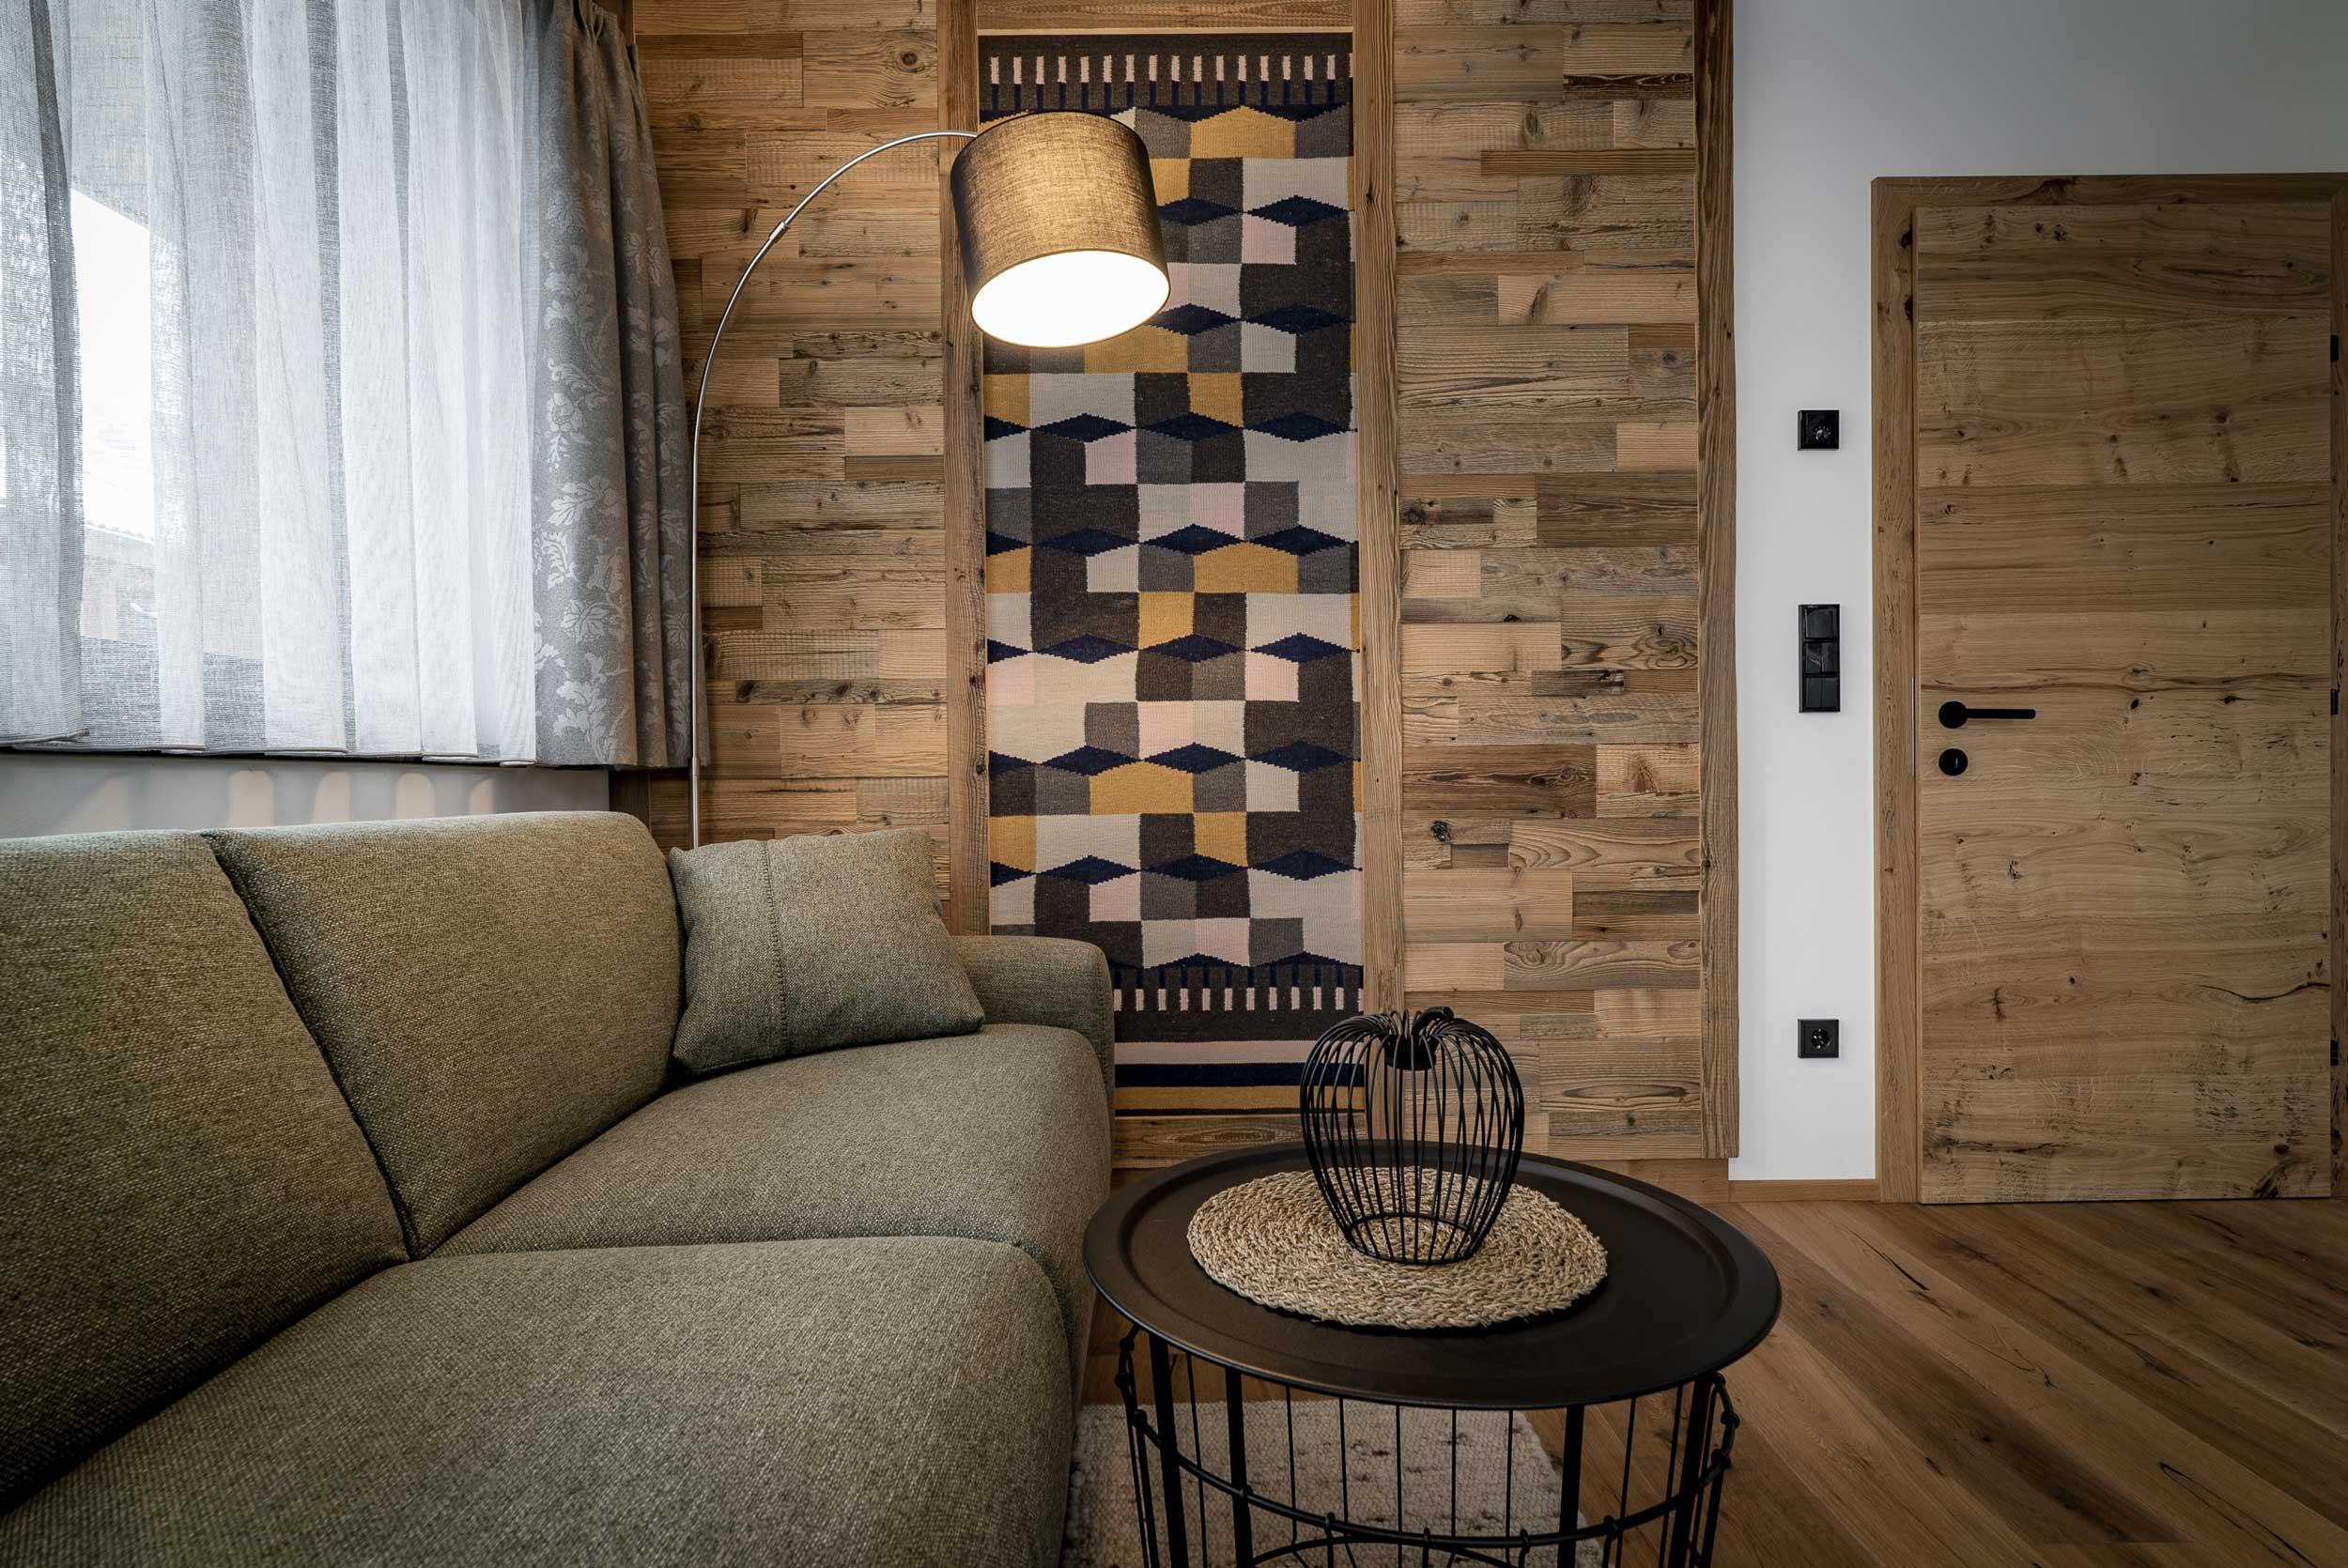 Wohnbereich mit Couch, Couchtisch und designter Holzwand.